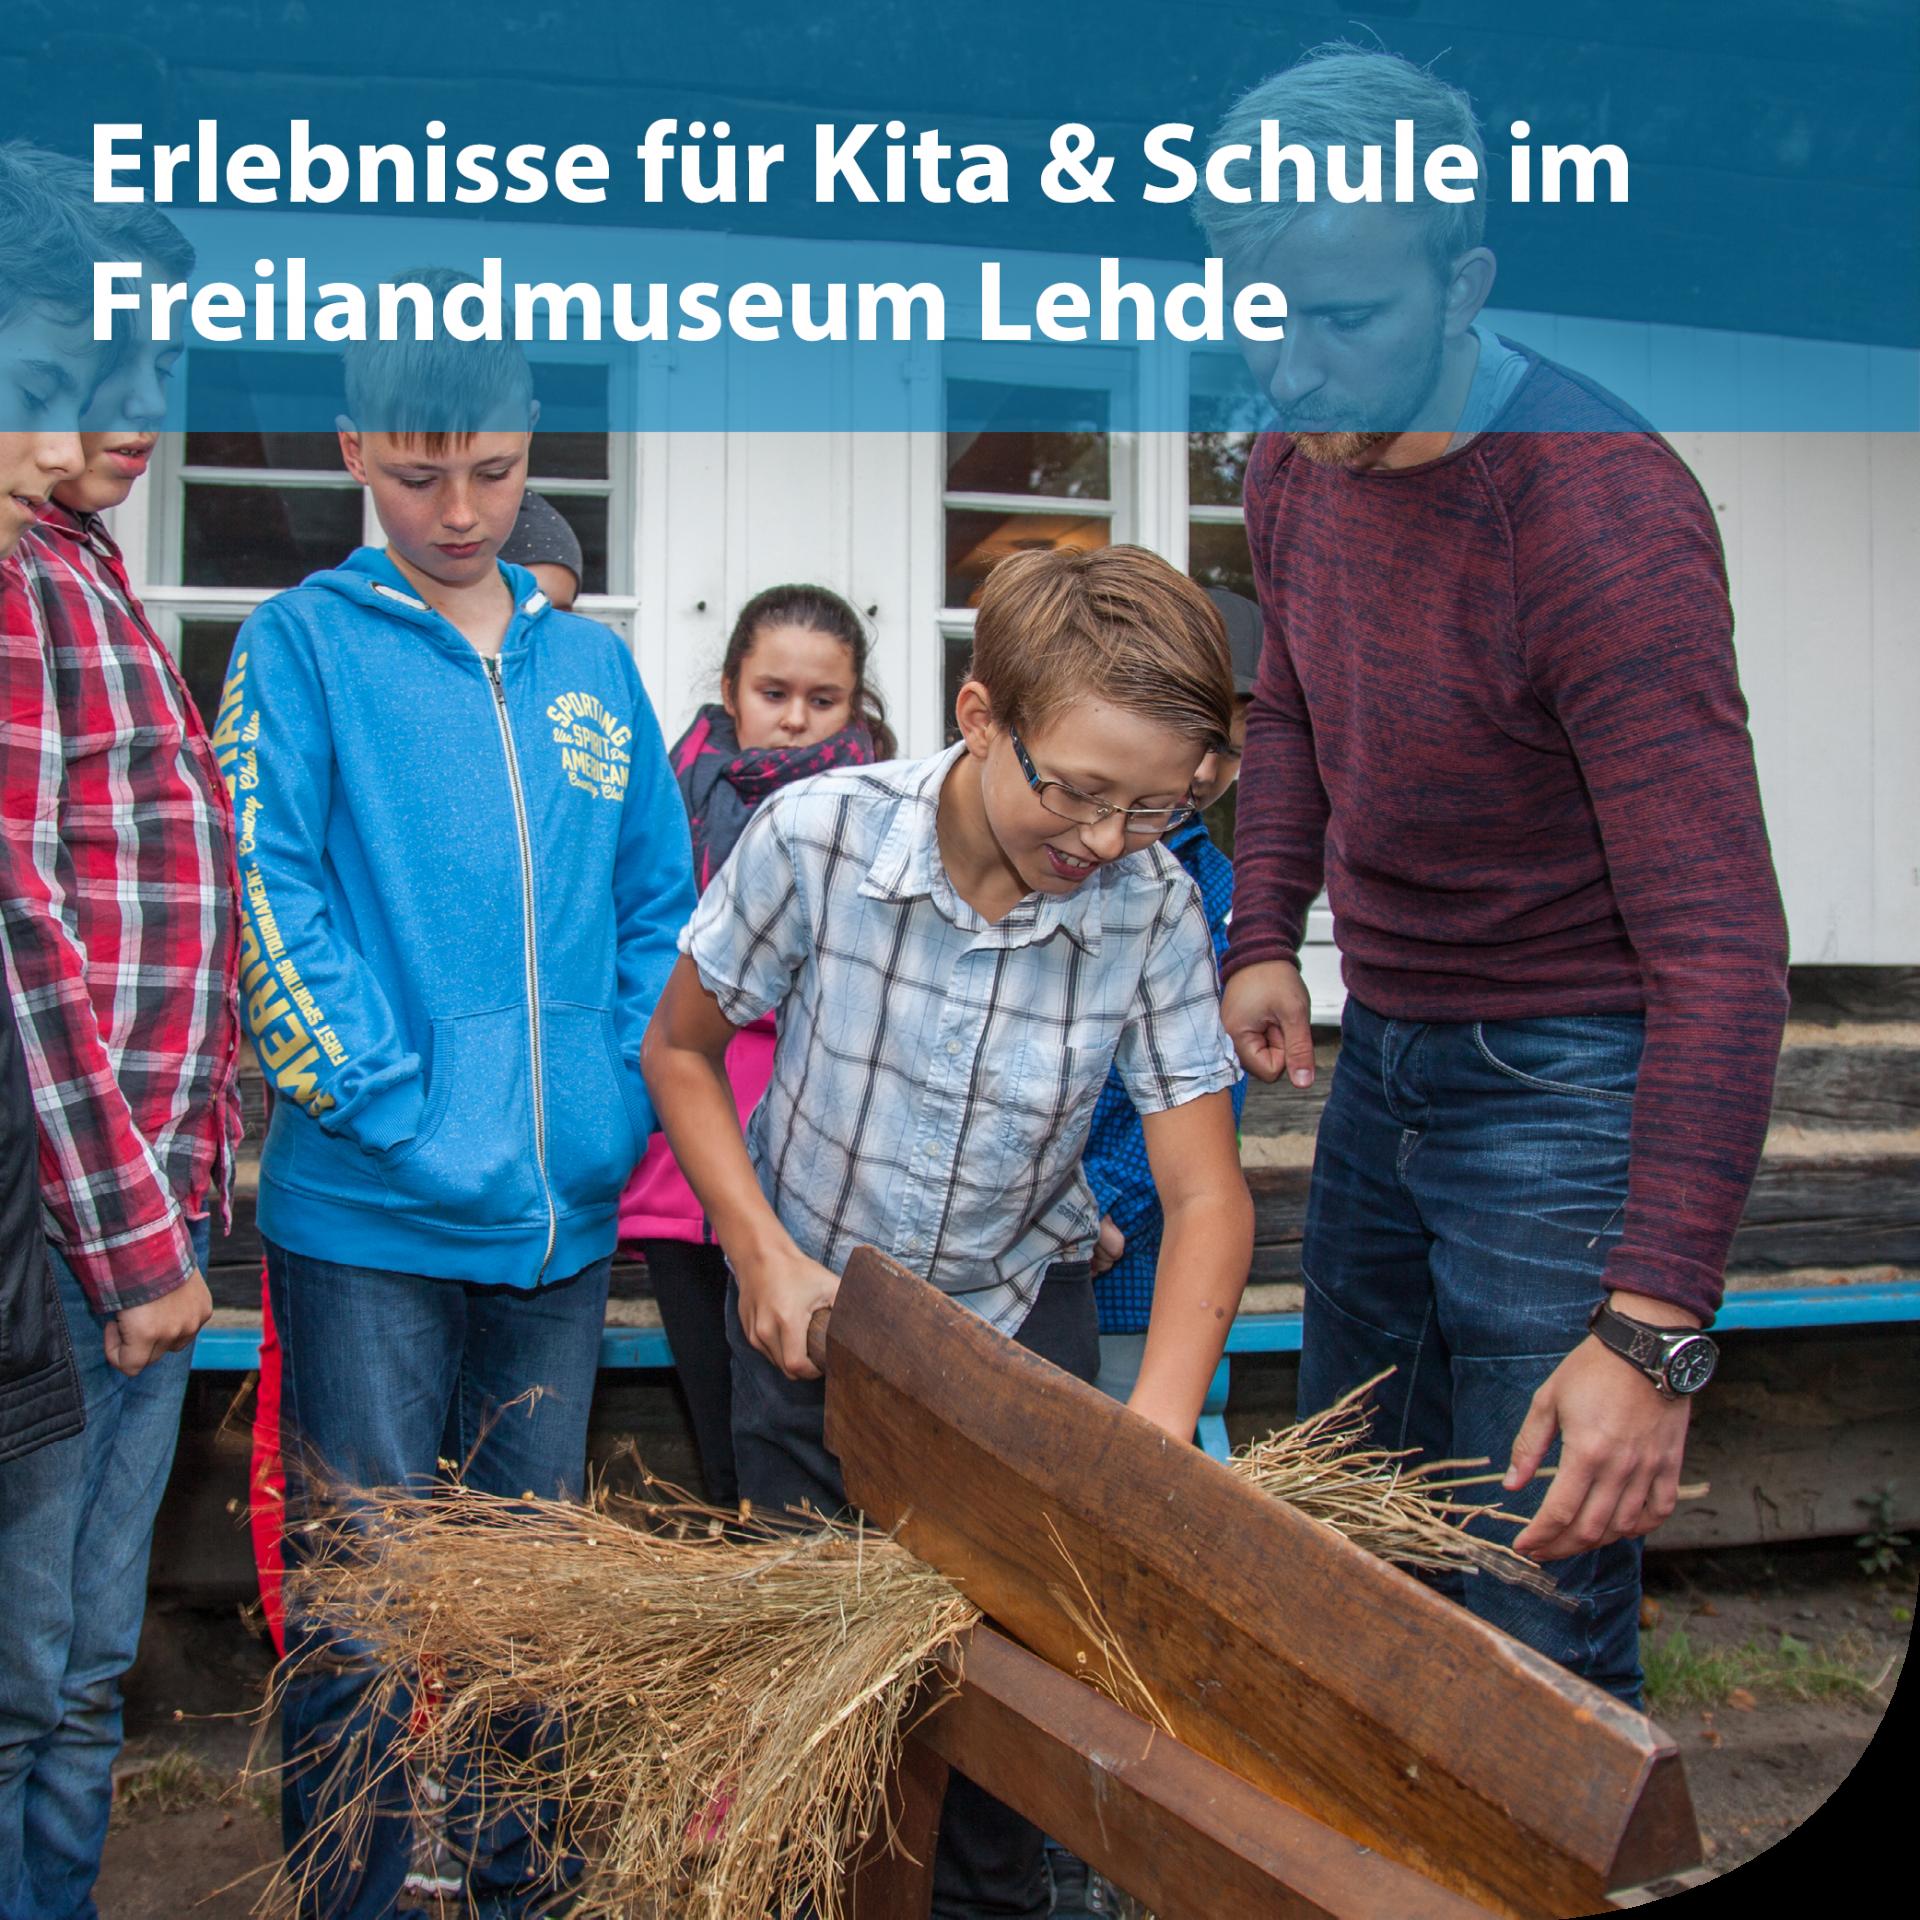 Angebote für Kita und Schule Freilandmuseum Lehde